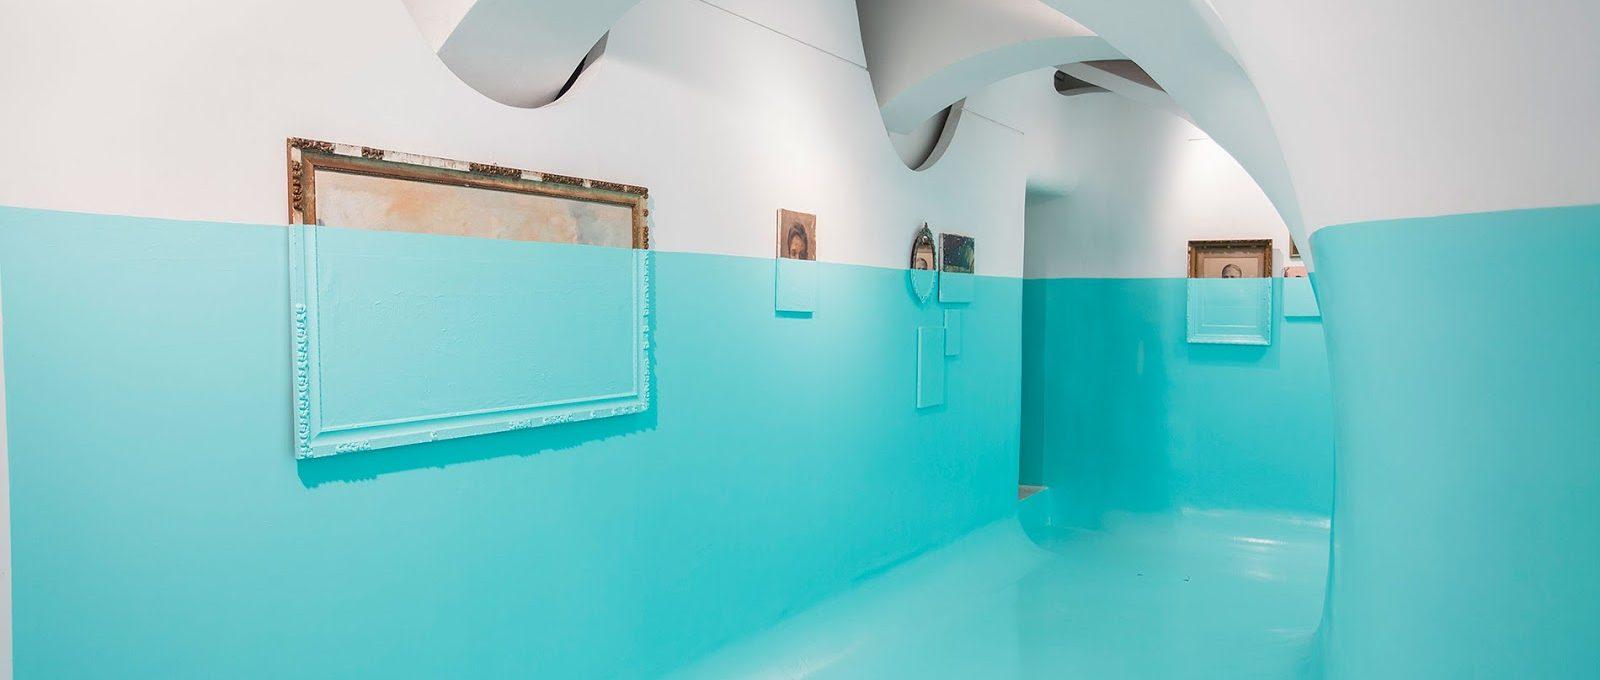 Antivegetativa, l'installazione di Davide D'Elia che sfida la forza vitale della natura